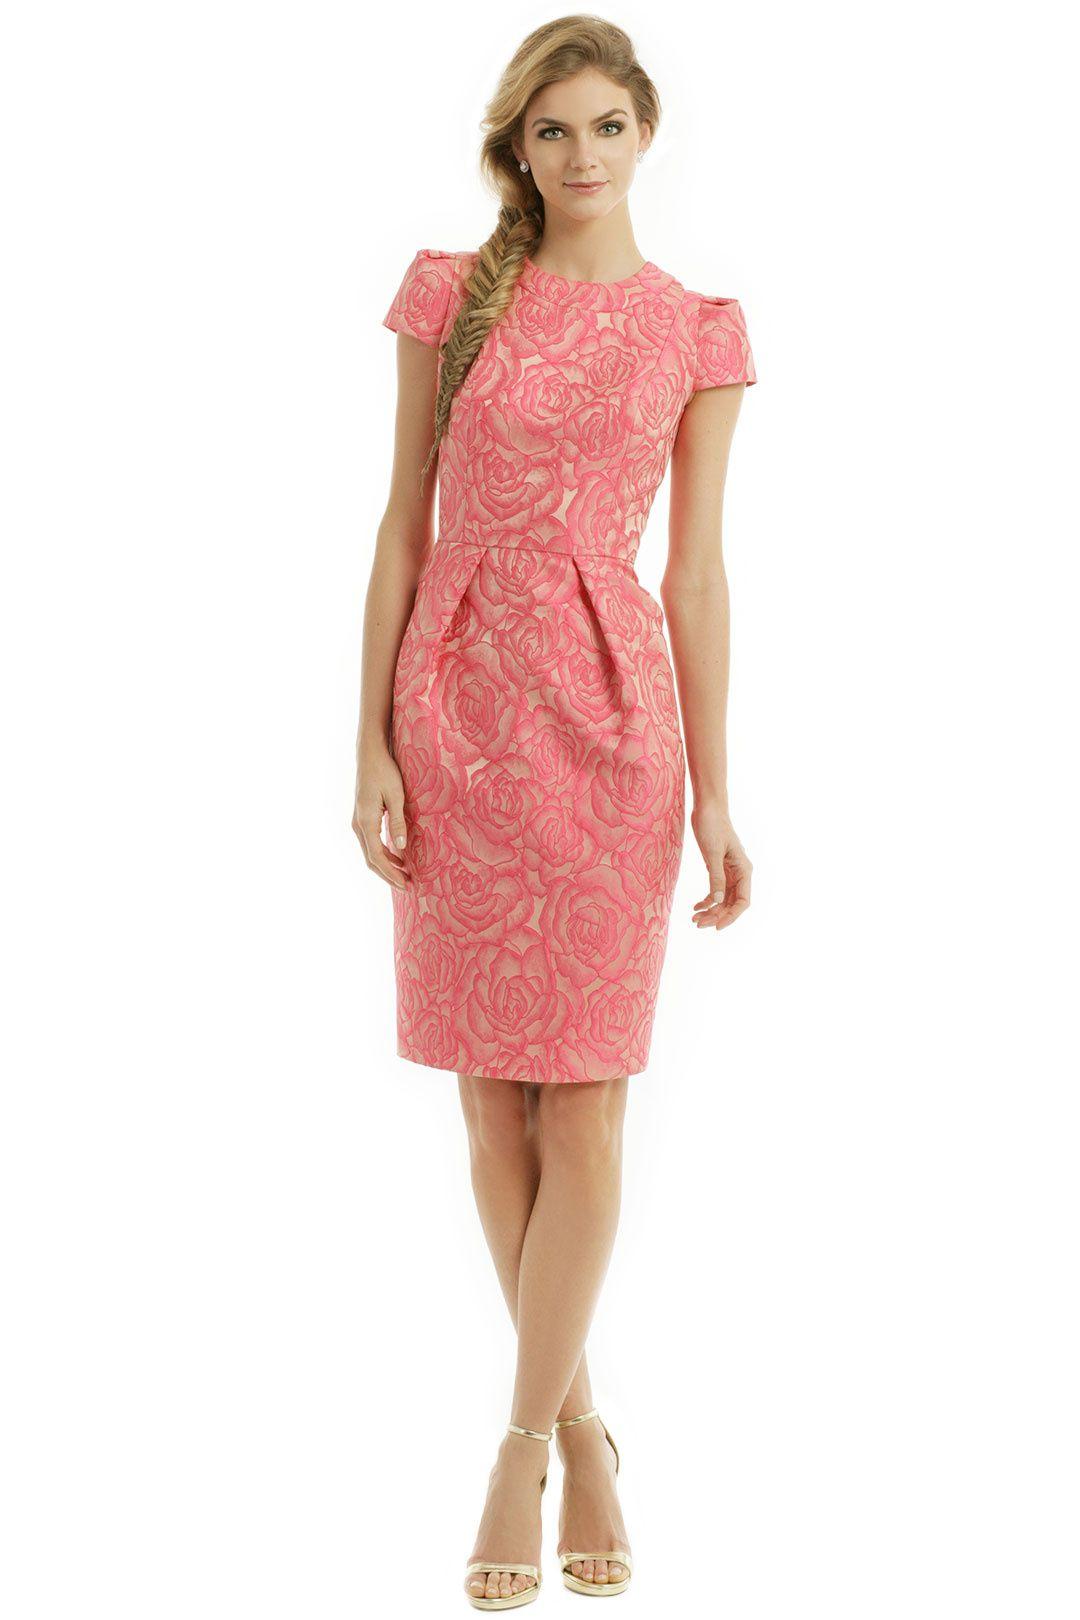 Rosette vestido de sobres de Carmen Marc Valvo | Belleza y salud ...